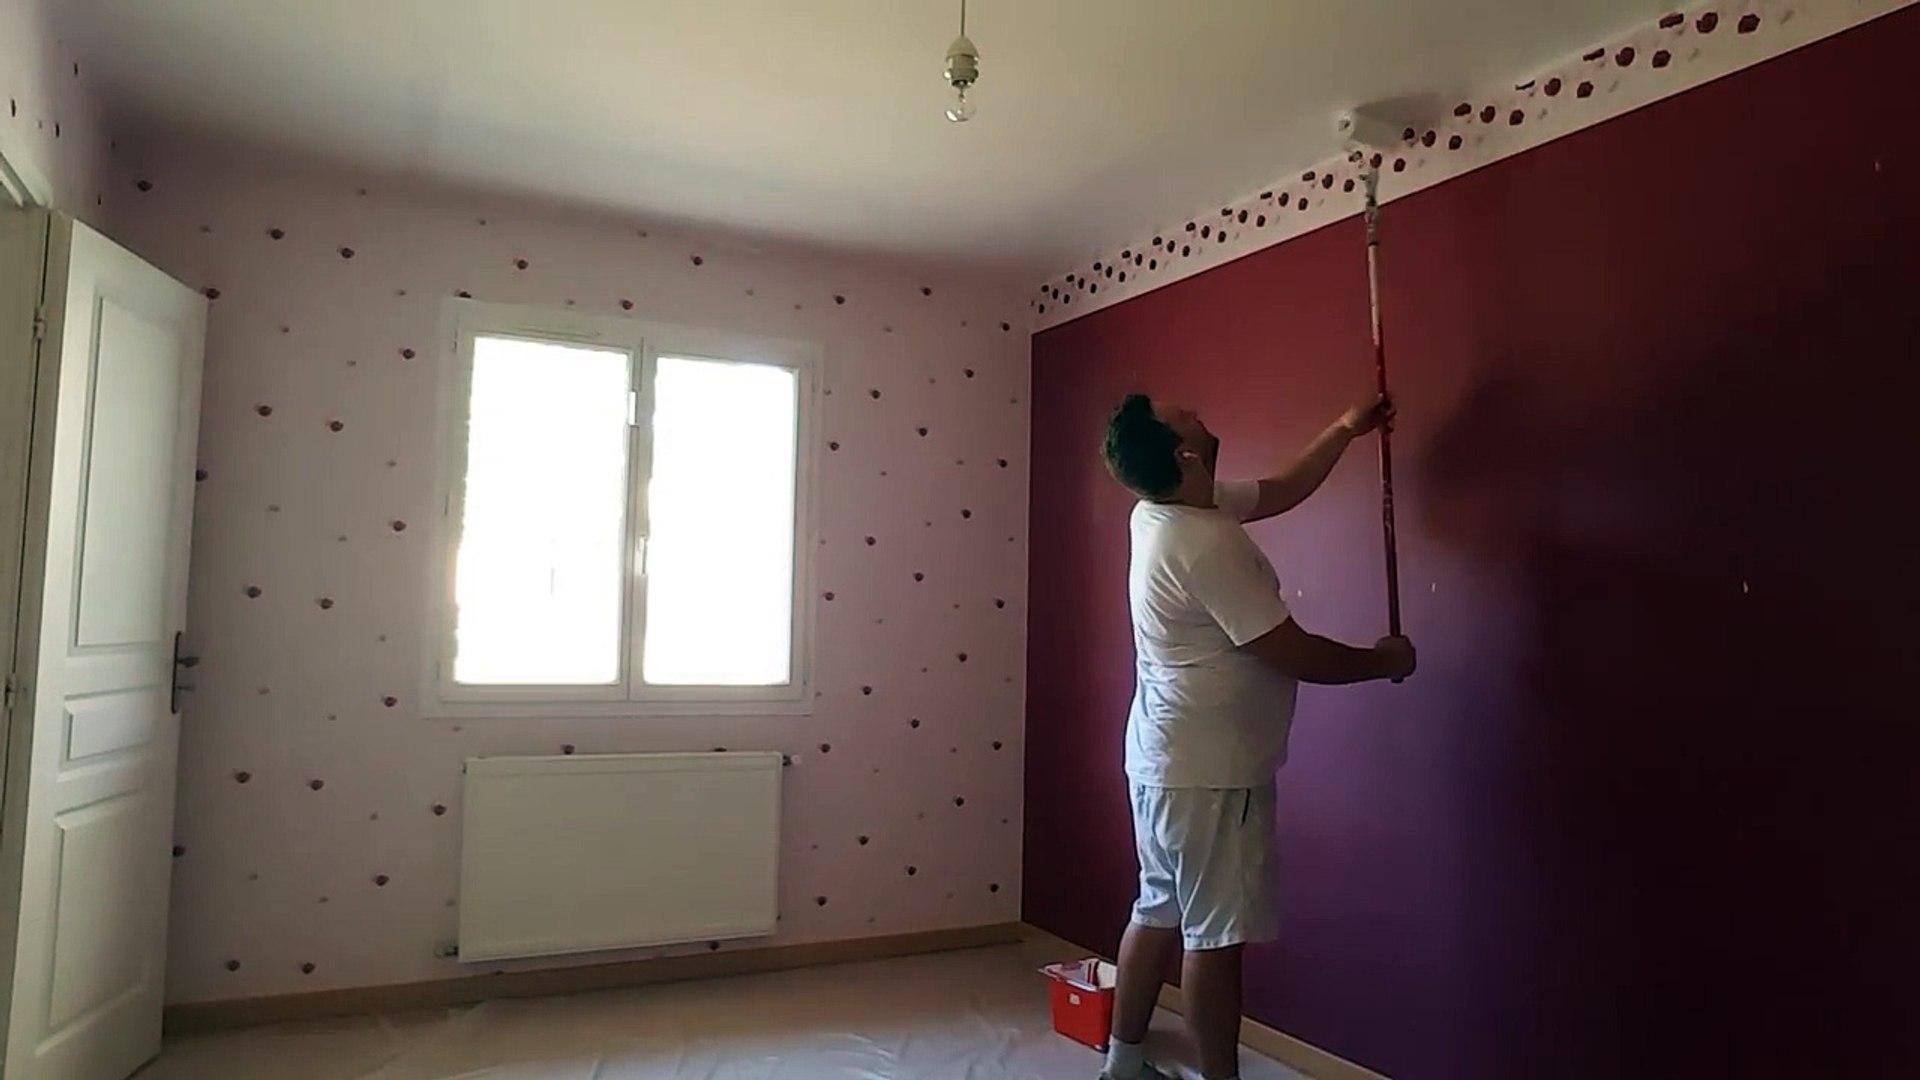 Comment Peindre Un Plafond Sans Trace [tuto] comment peindre un plafond comme un pro (sans traces)